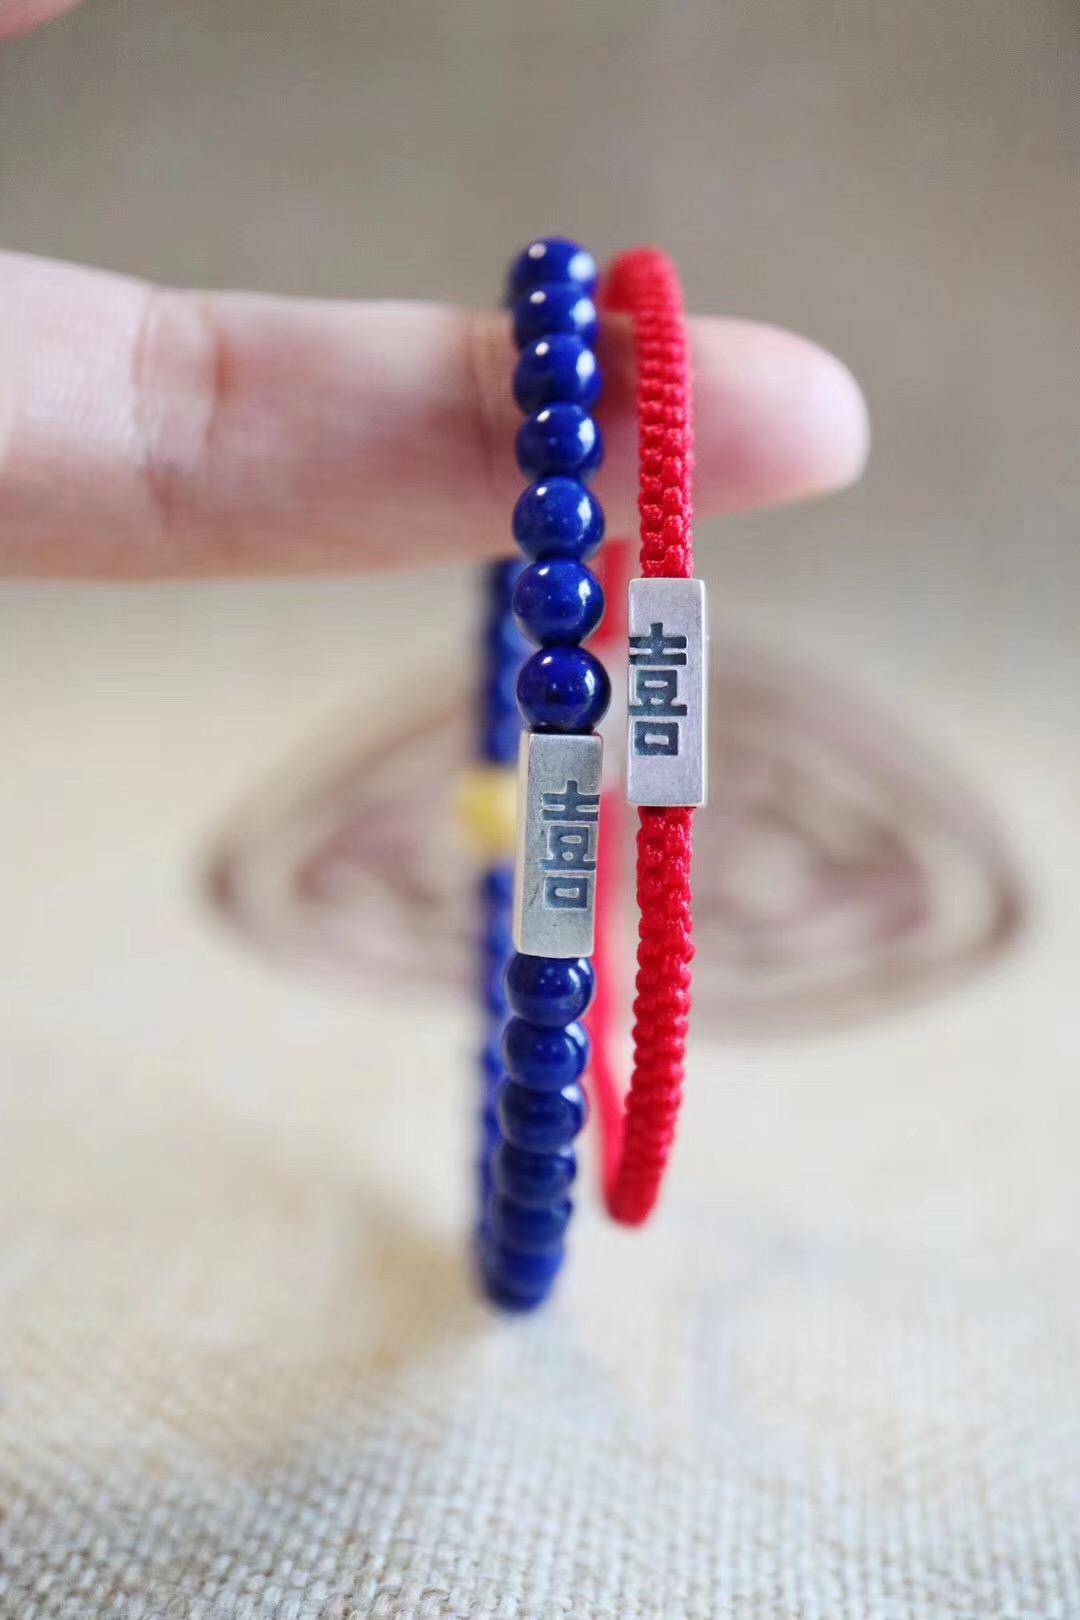 【帝王青&红绳】这一对极致细链.我看着,就欢喜万分-菩心晶舍